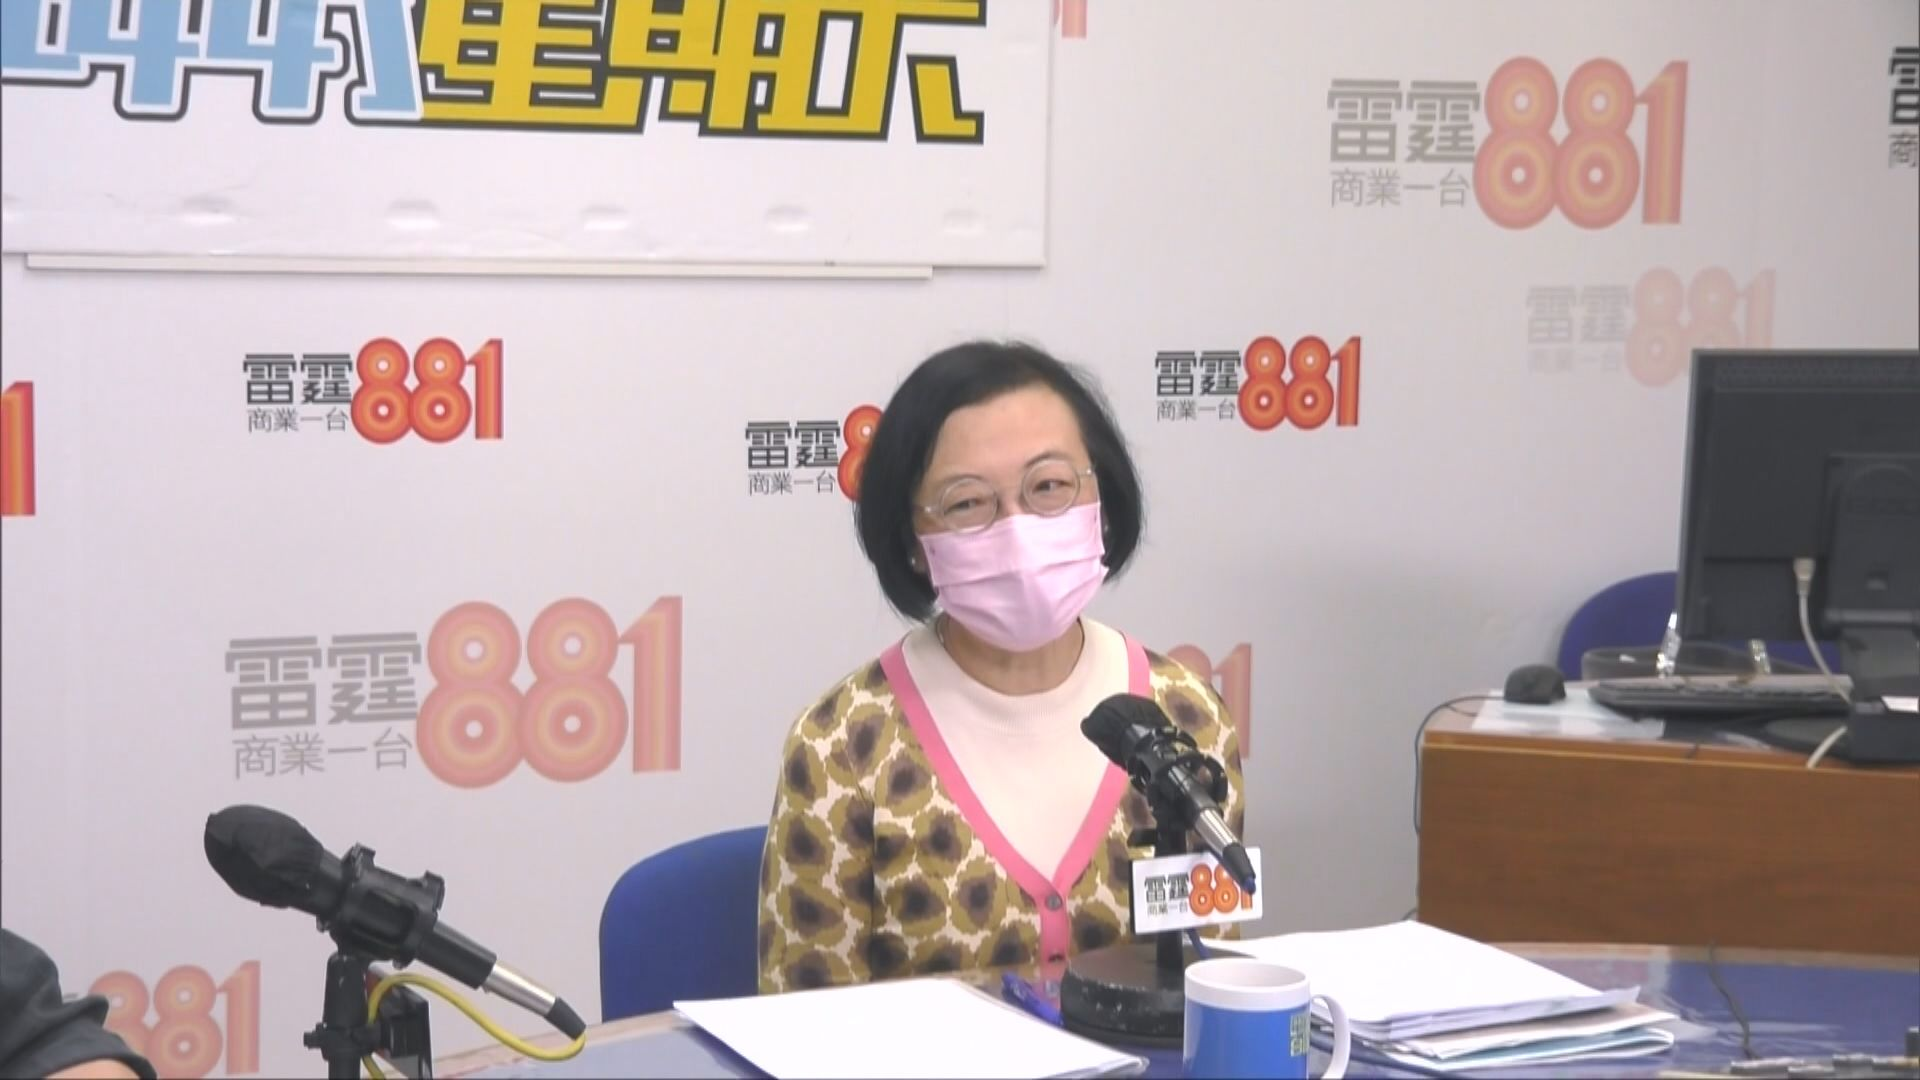 陳肇始:會要求檢疫酒店提供特別協助予檢疫的兒童